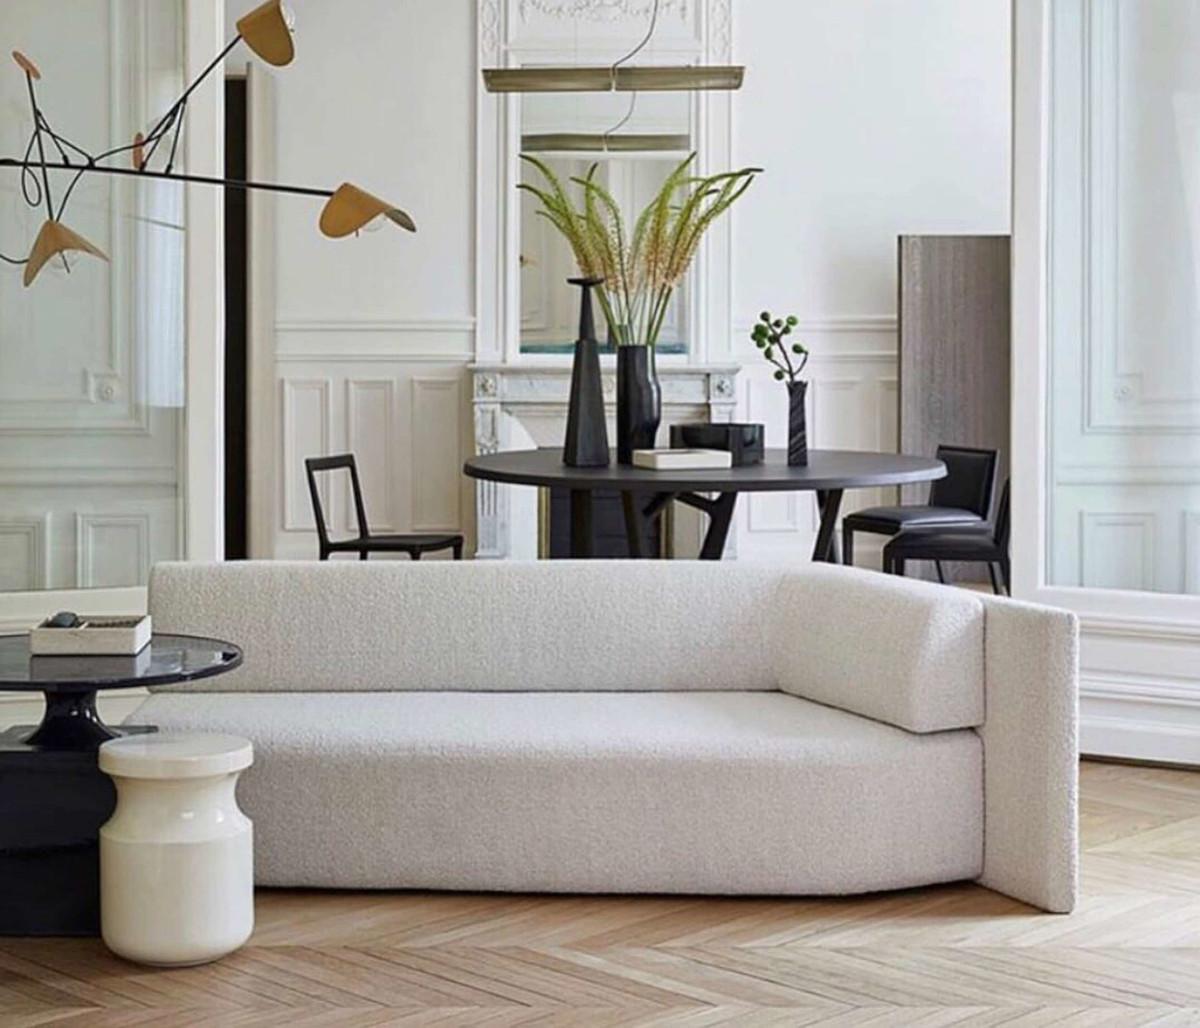 Nietuzinkowa forma i tkanina sofy w eleganckim wnętrzu